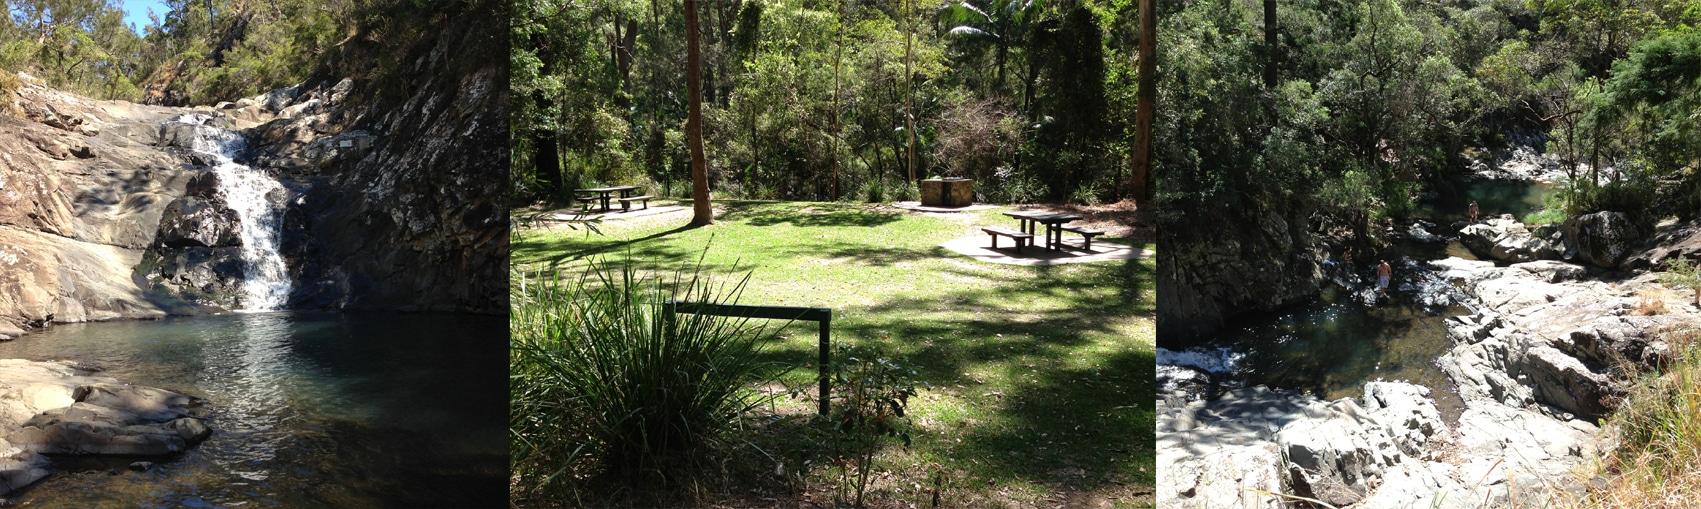 The Magic Of Mount Tamborine For Families In Brisbane